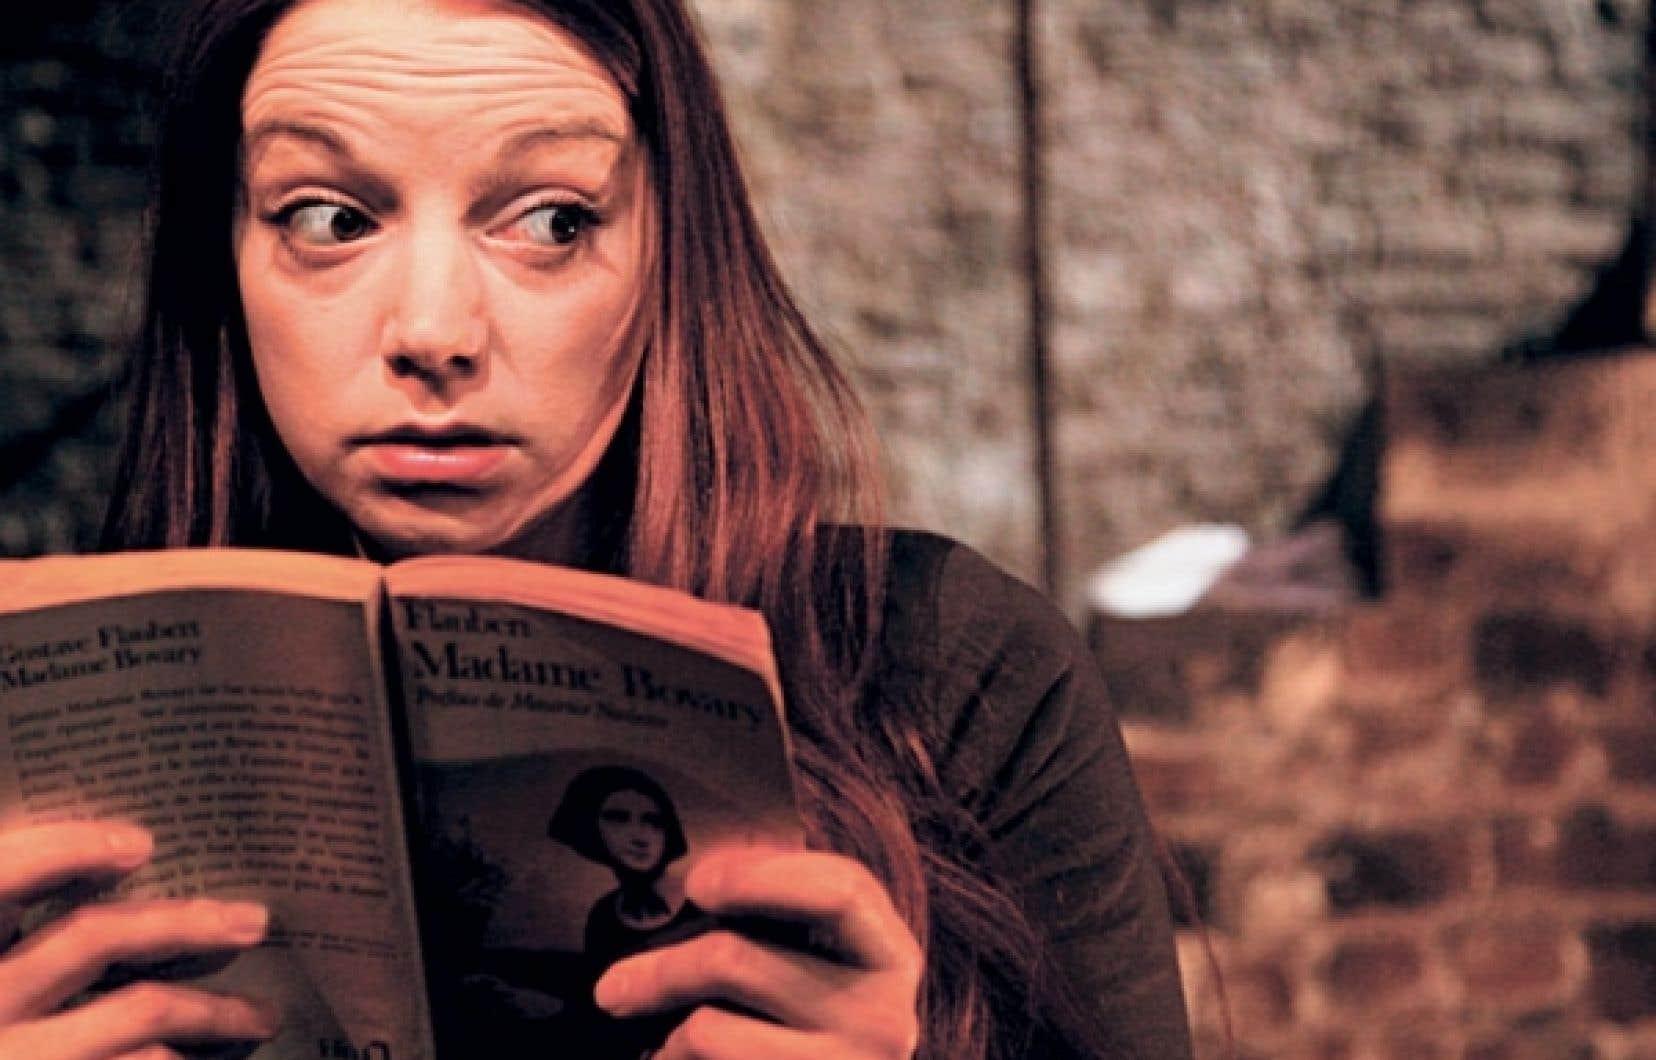 La comédienne Julie Duroisin se montre très habile dans les métamorphoses.